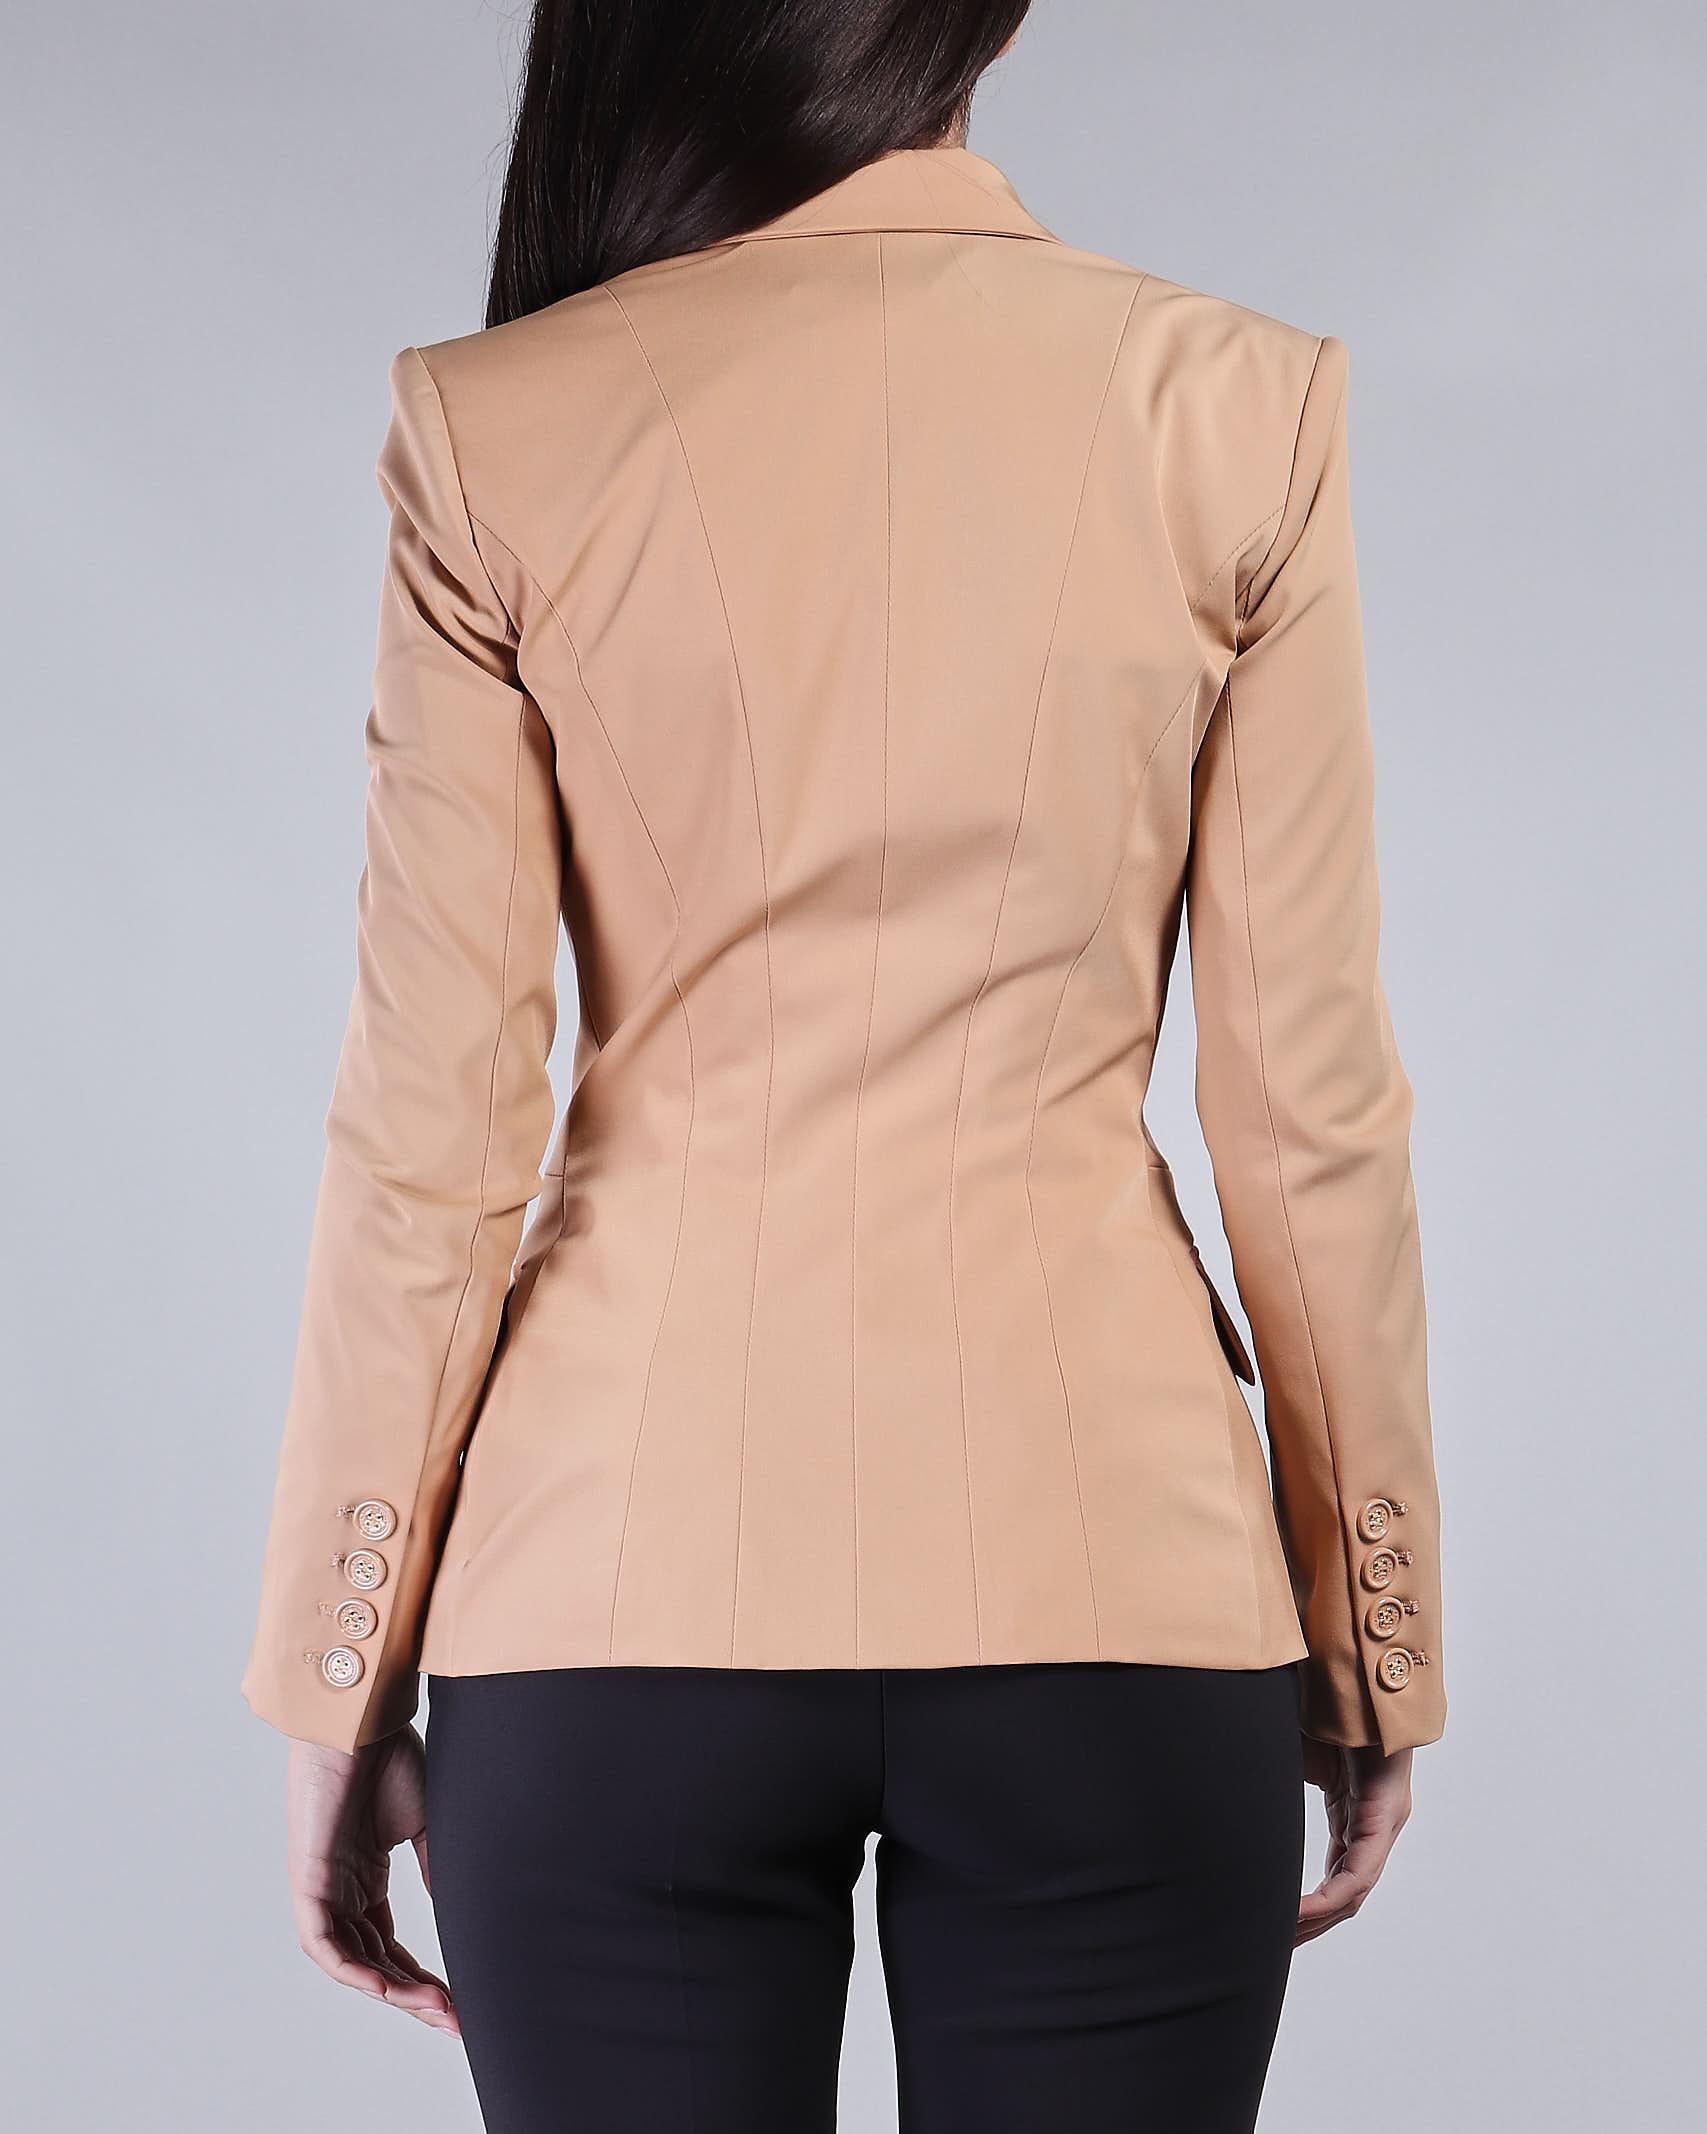 Giacca con scollo e accessorio morsetto oro light Elisabetta Franchi ELISABETTA FRANCHI | Giacca | GI96911E2470